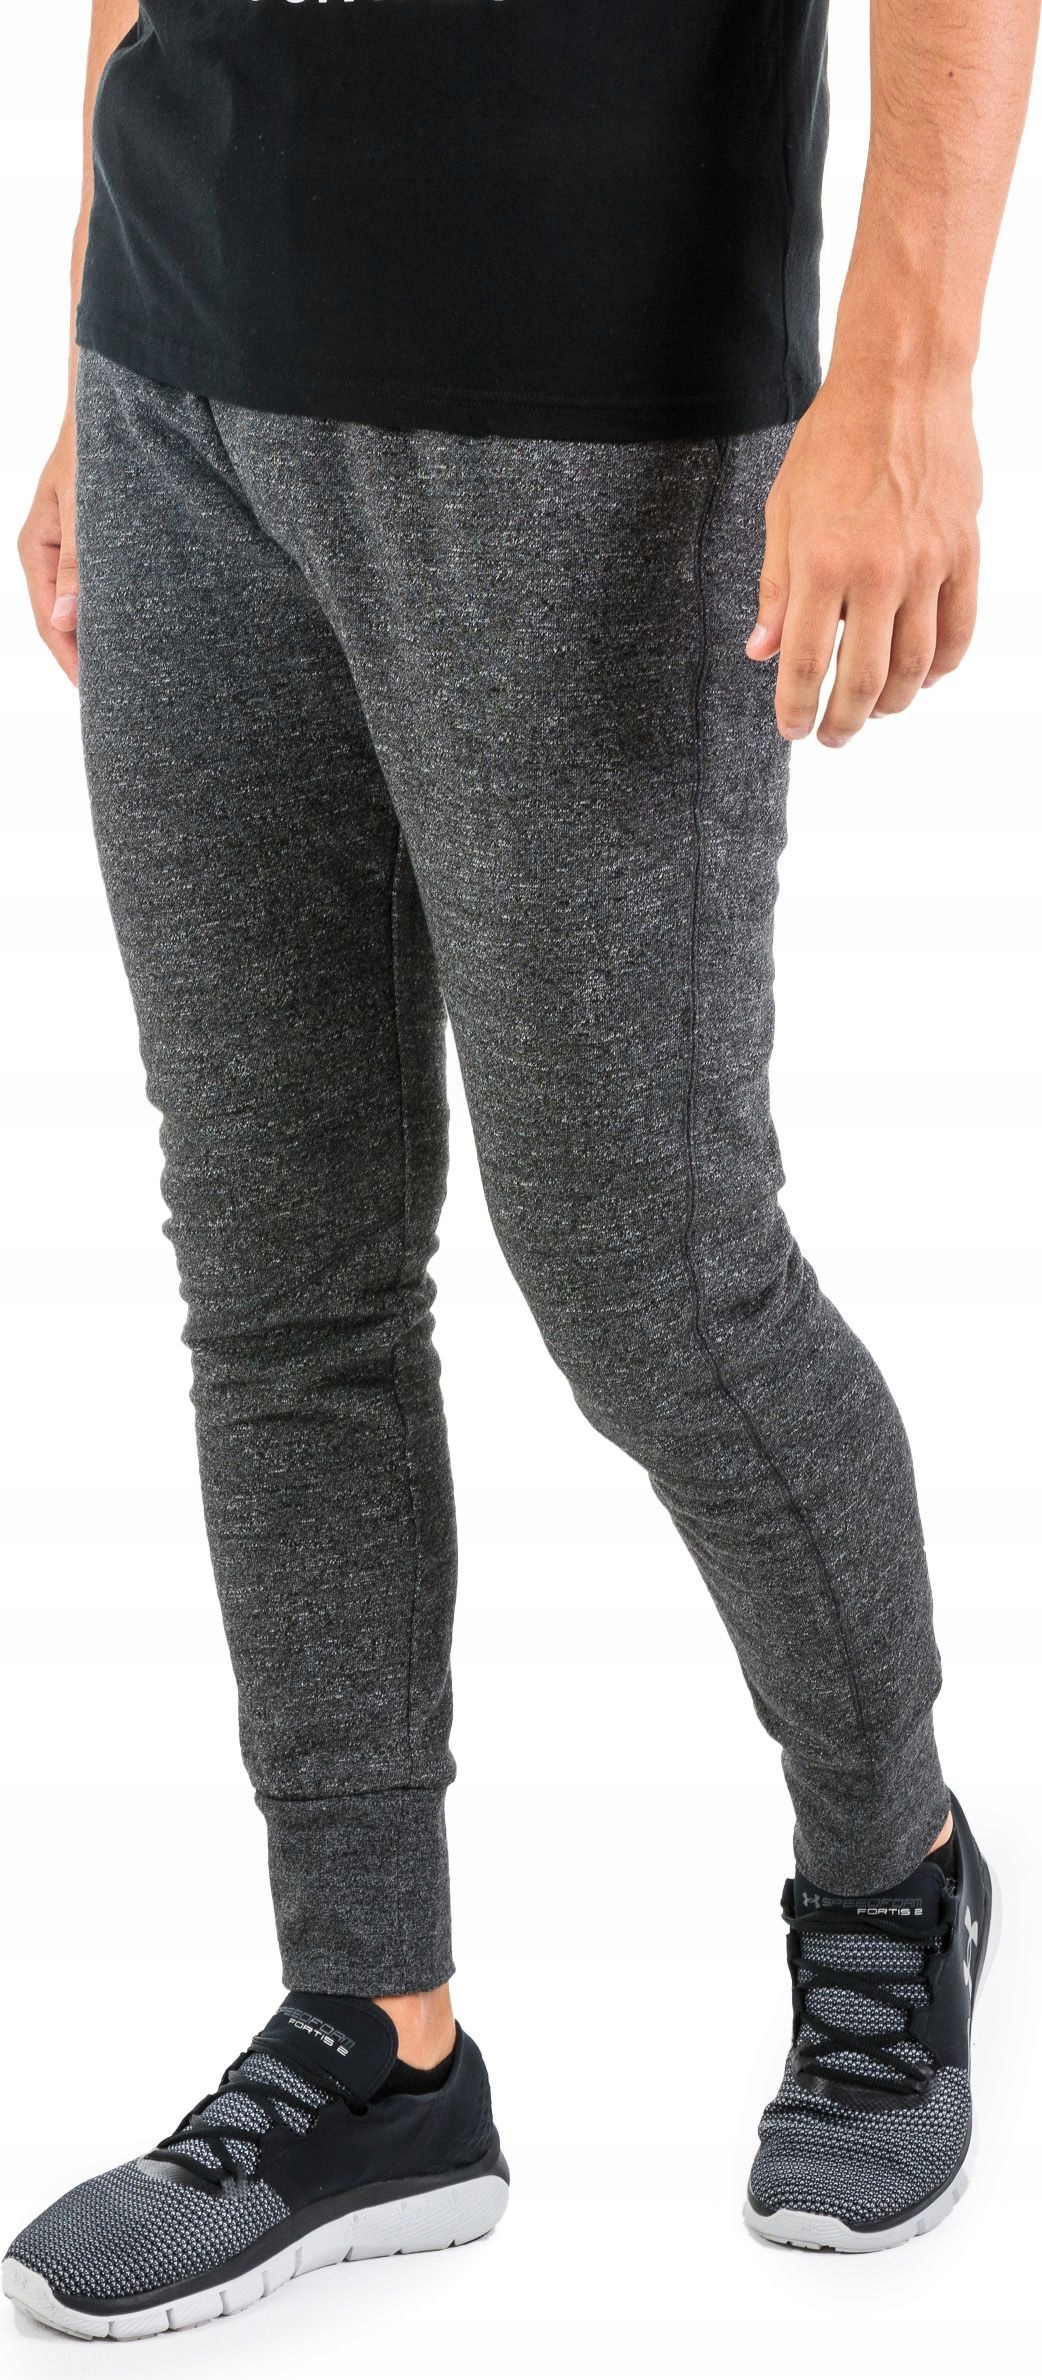 4F Spodnie męskie dresowe H4 SPMD005 r. M